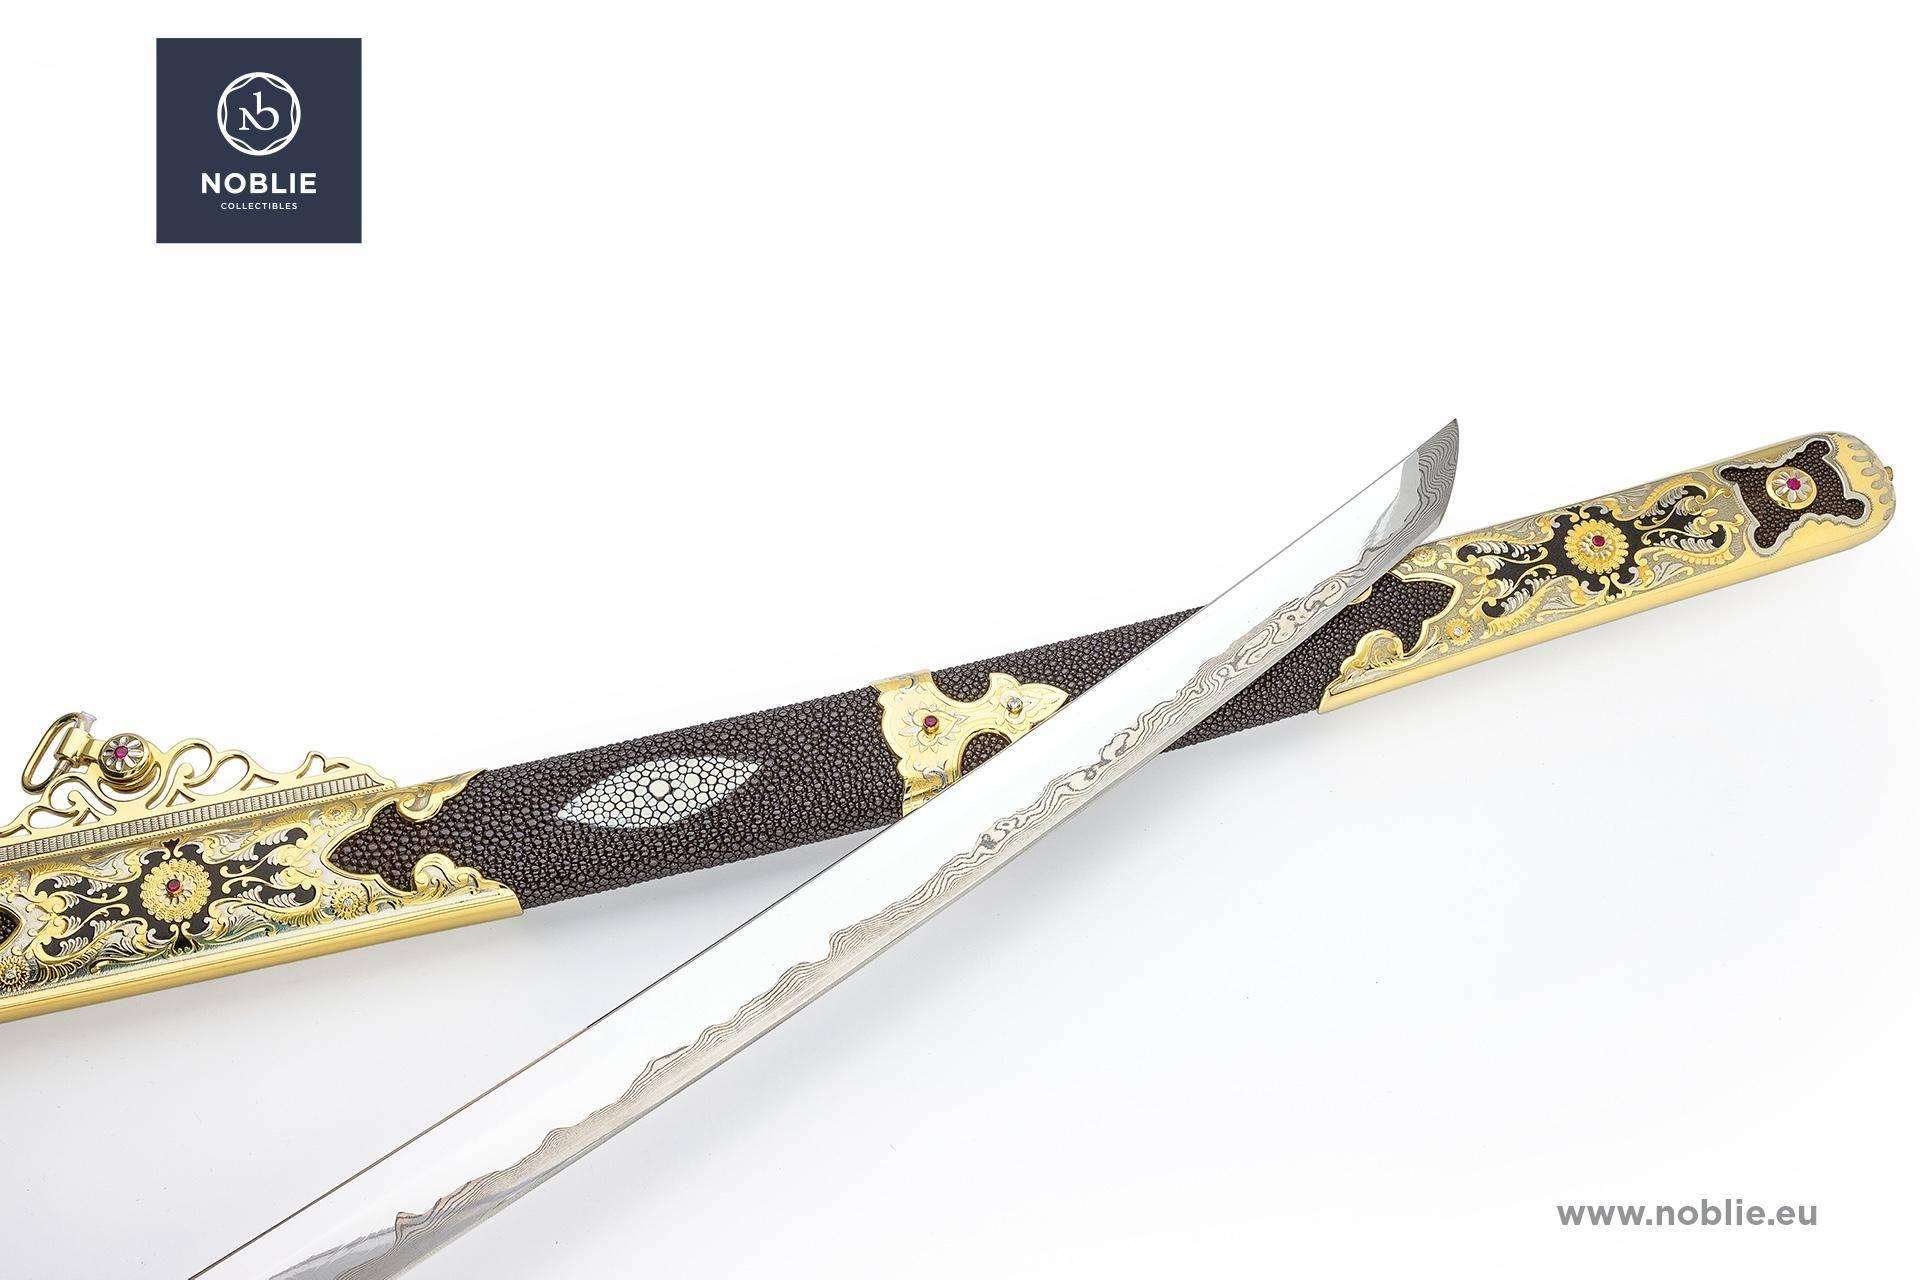 Blade as a work of art